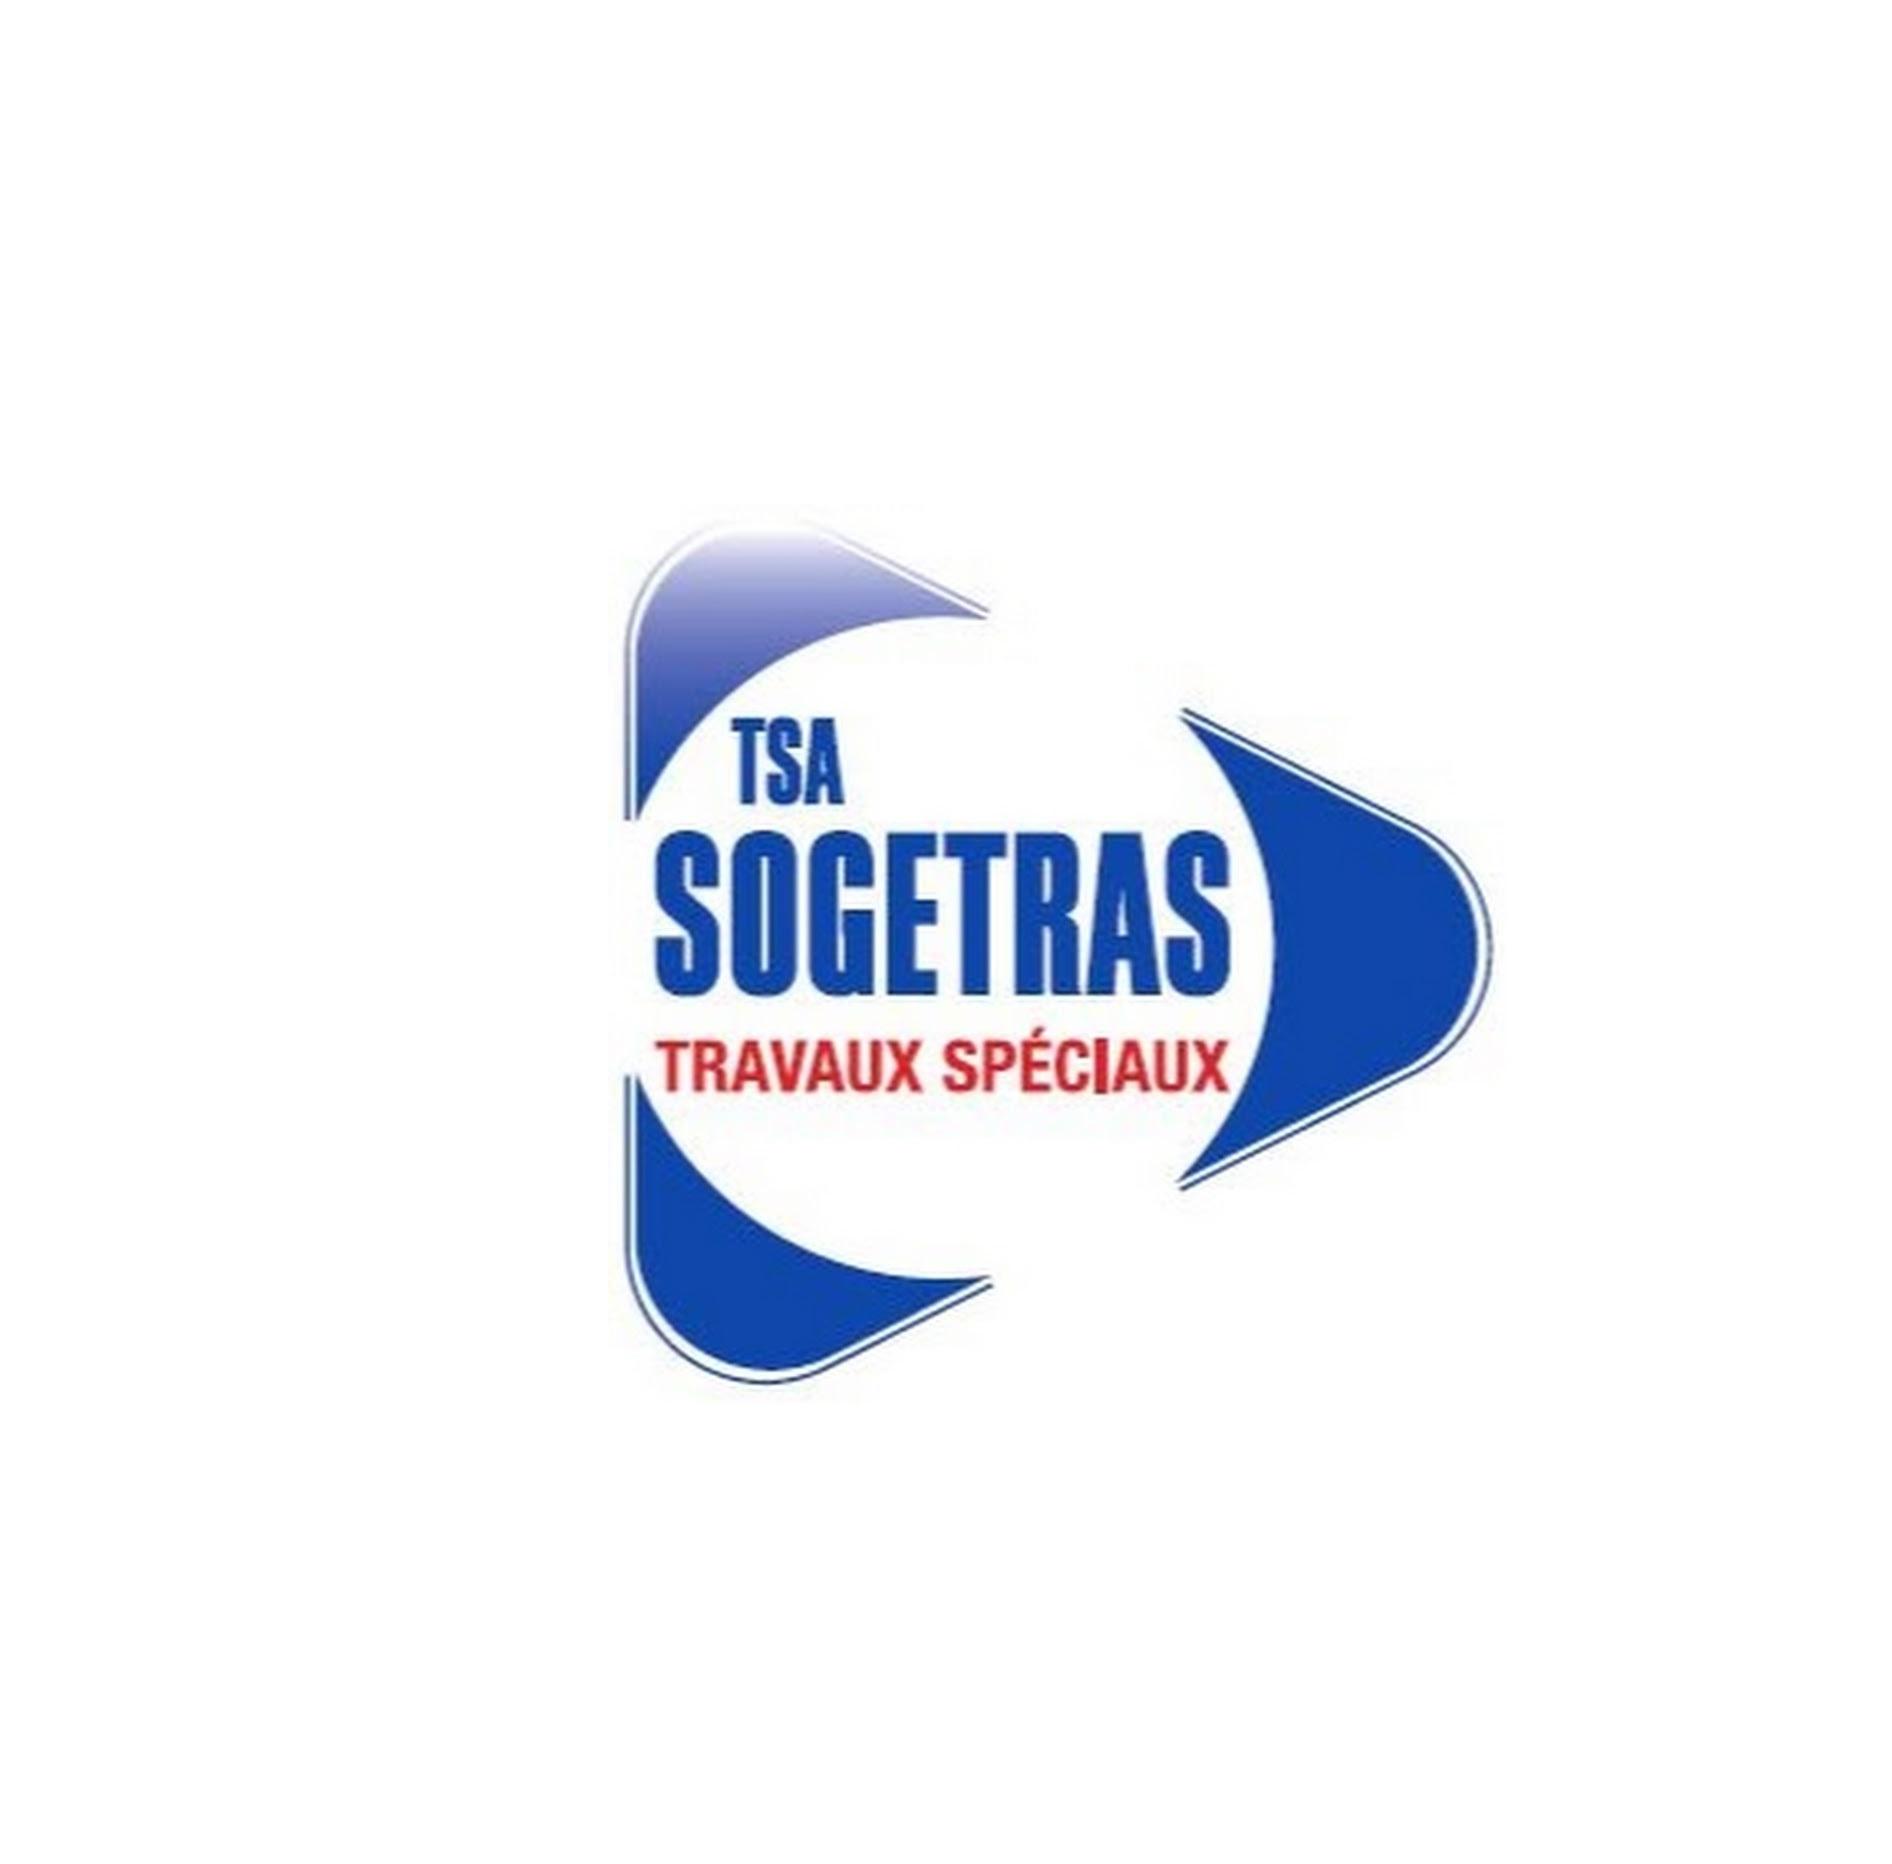 SOGETRAS